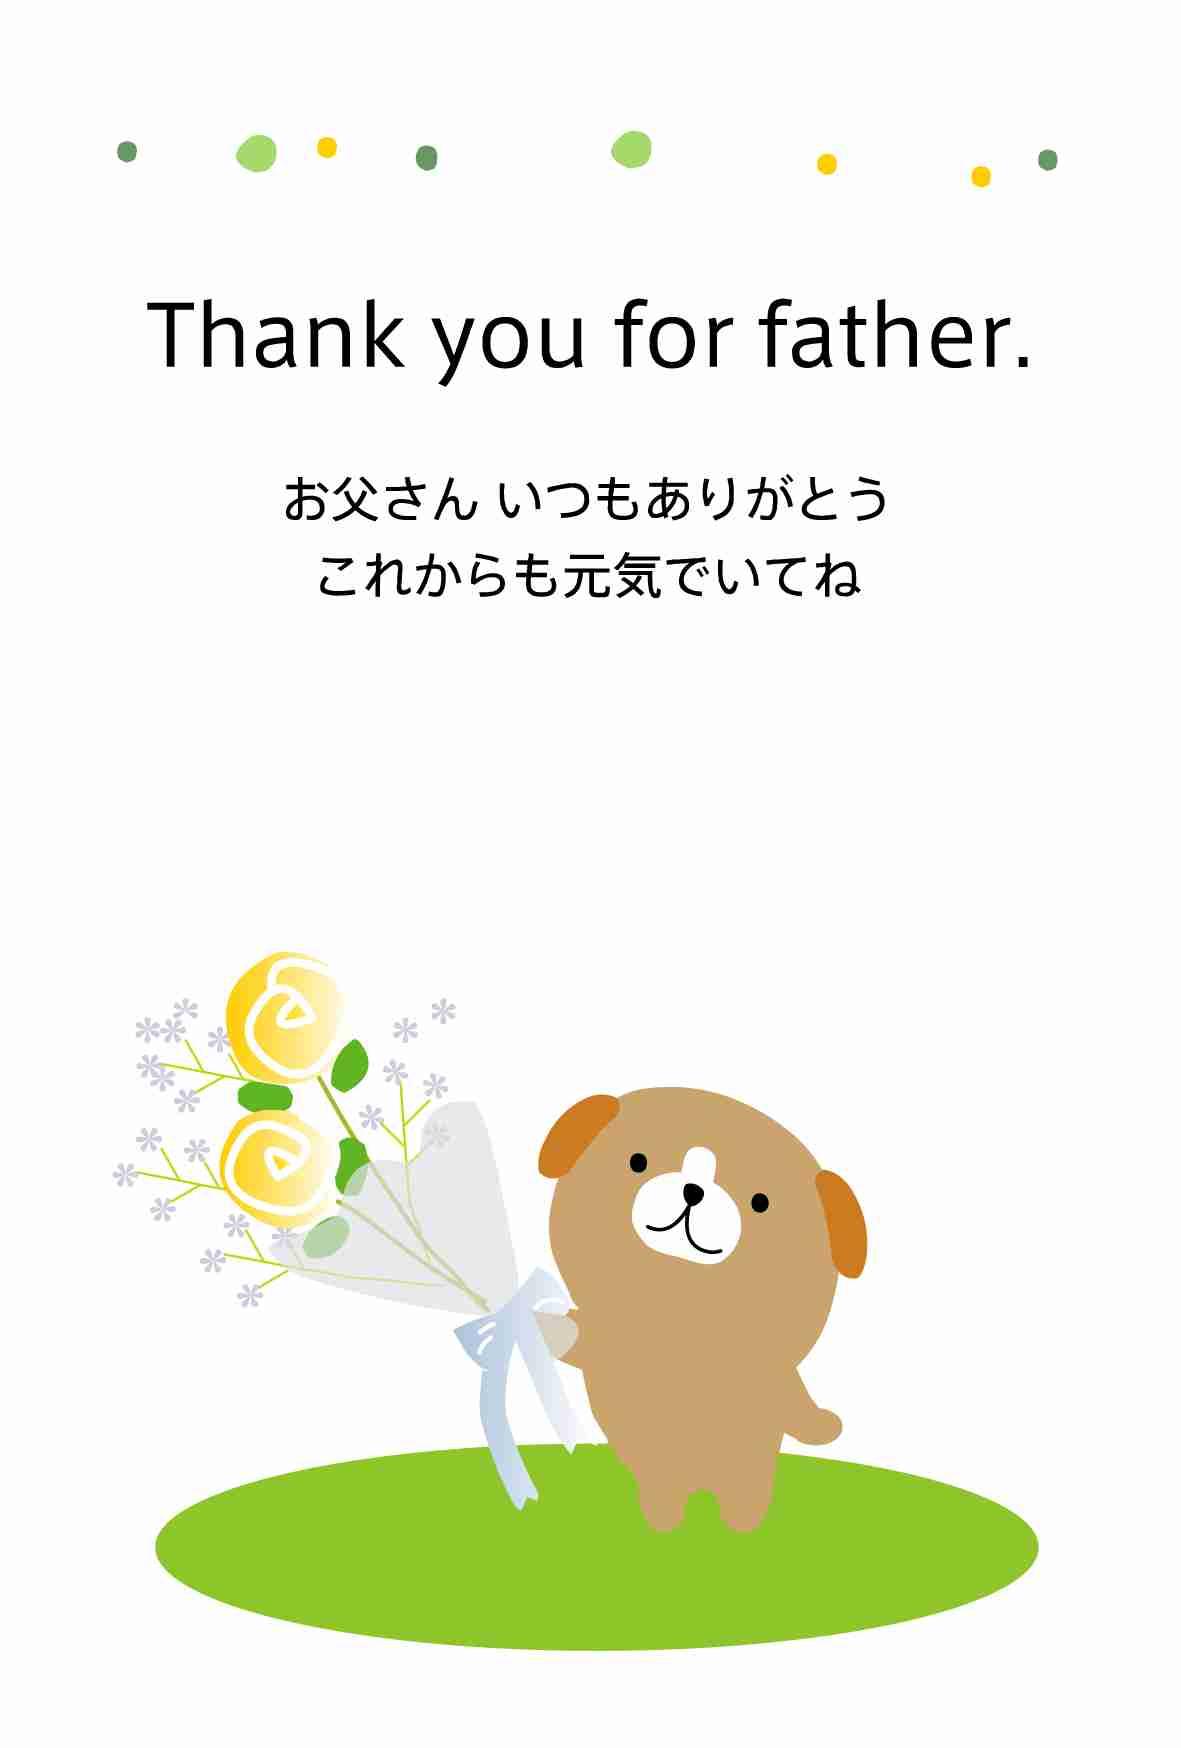 父の日、旦那に何しますか?